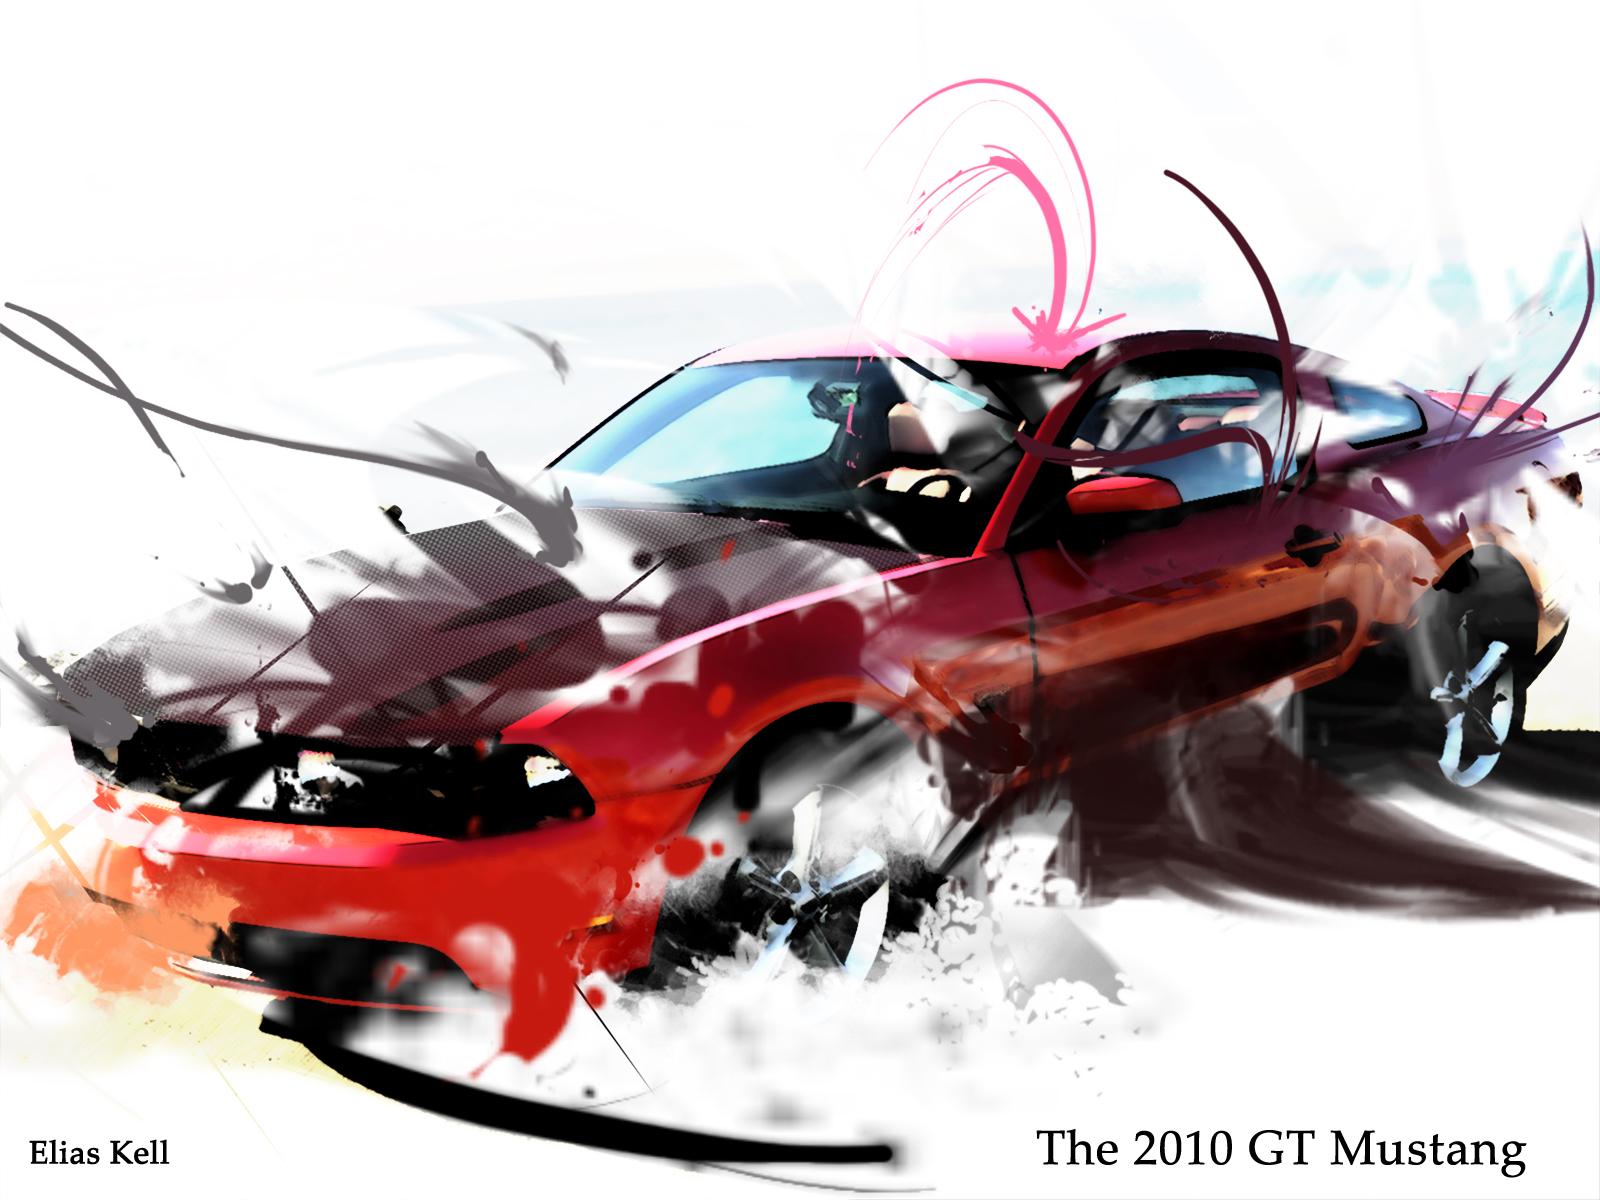 http://1.bp.blogspot.com/-LHUQntkU_Qo/UHP517u811I/AAAAAAAAEP4/RRoQ9oWegkw/s1600/Ford_GT.jpg